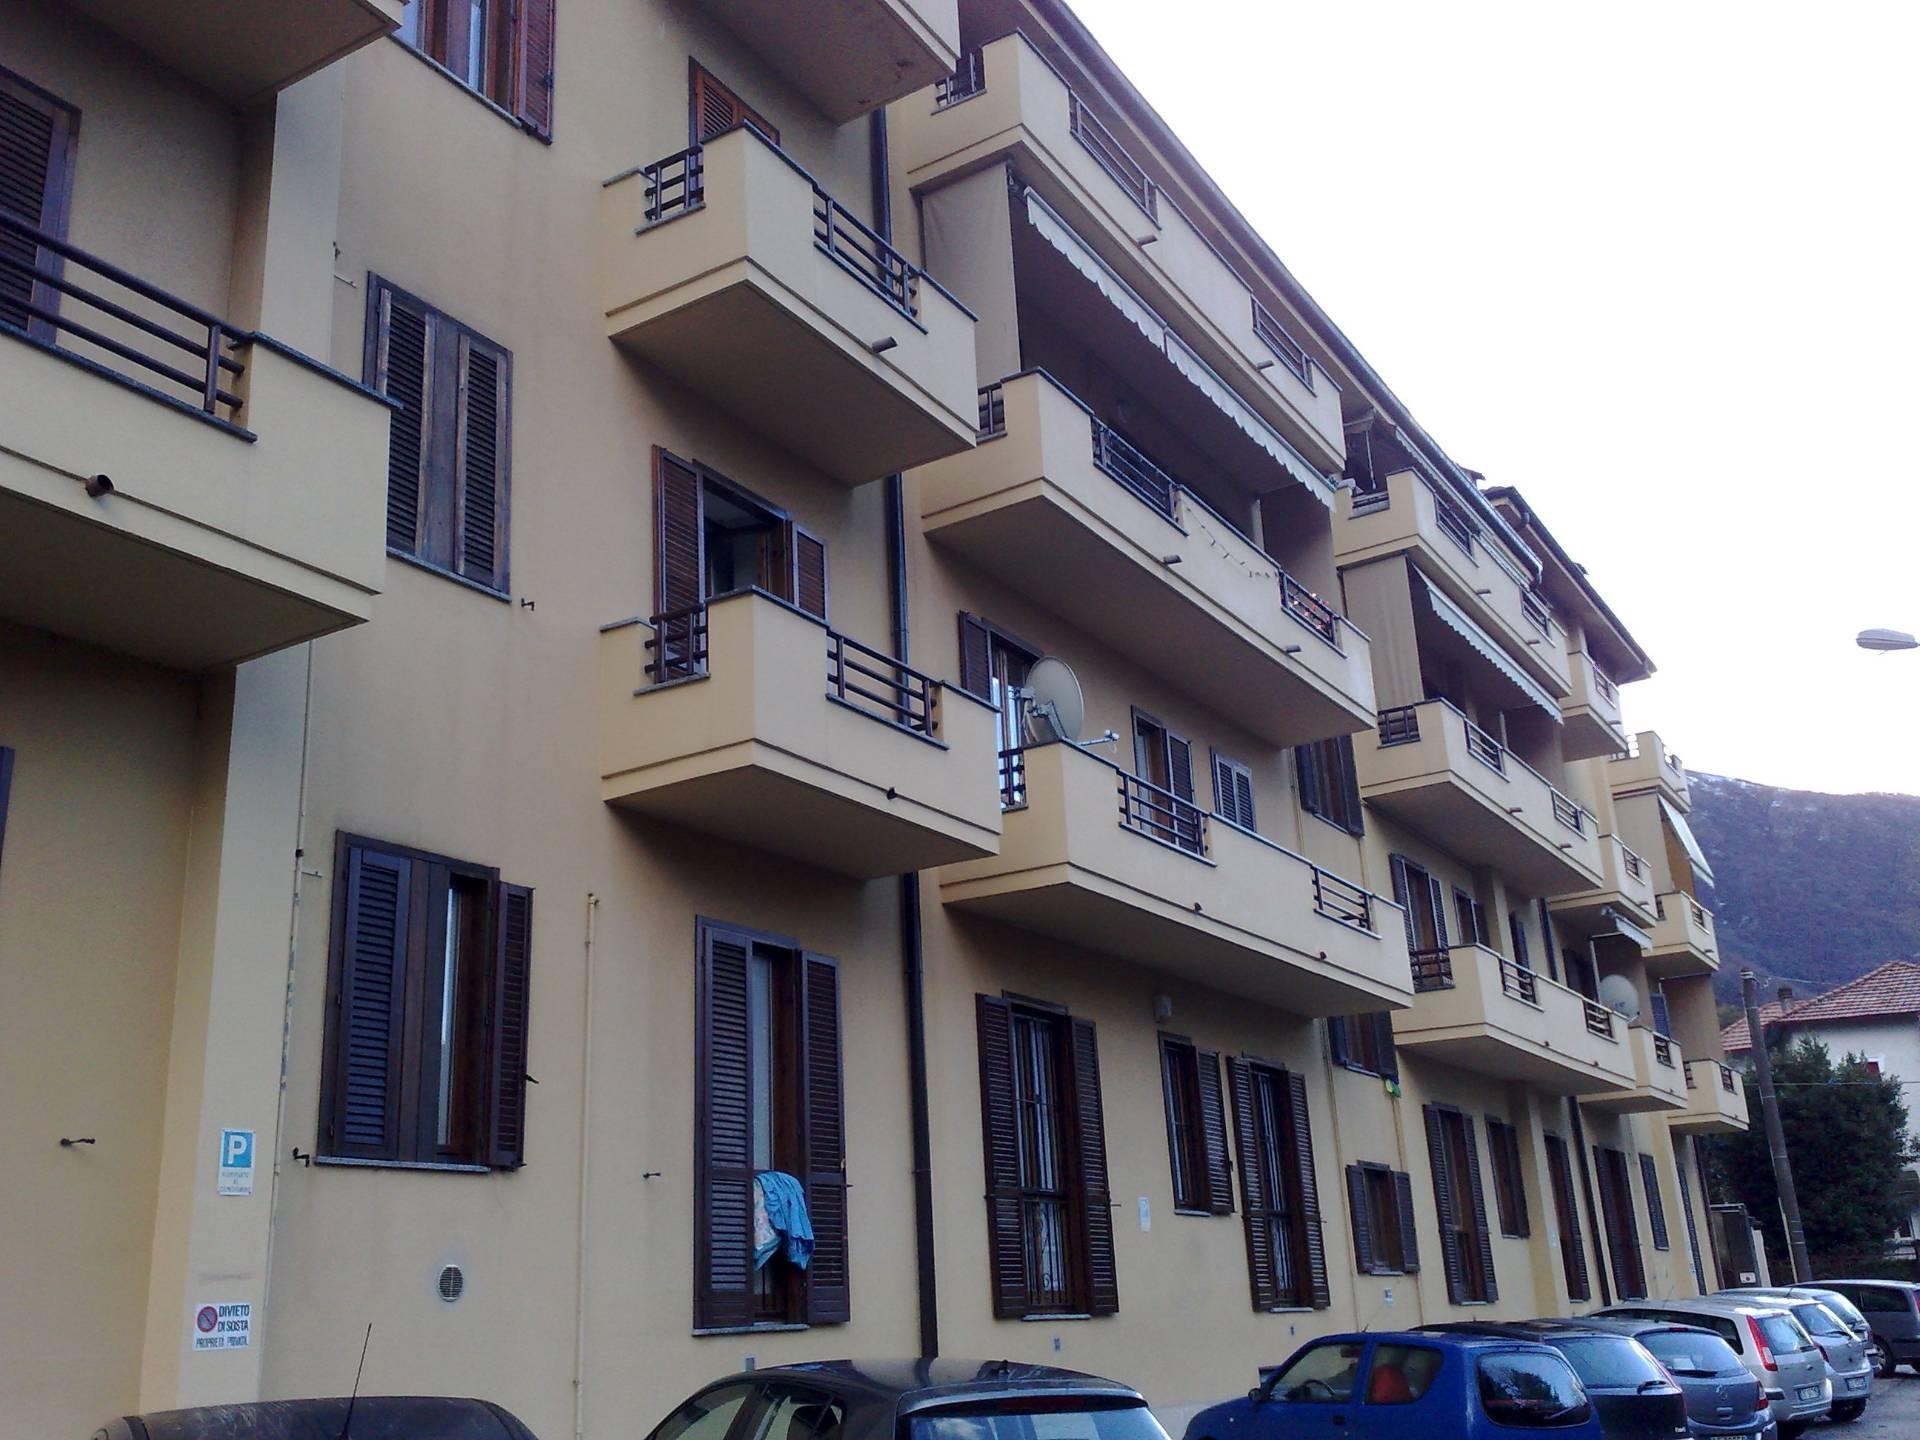 appartamento trilocale di 55mq in affitto a canzo 35504